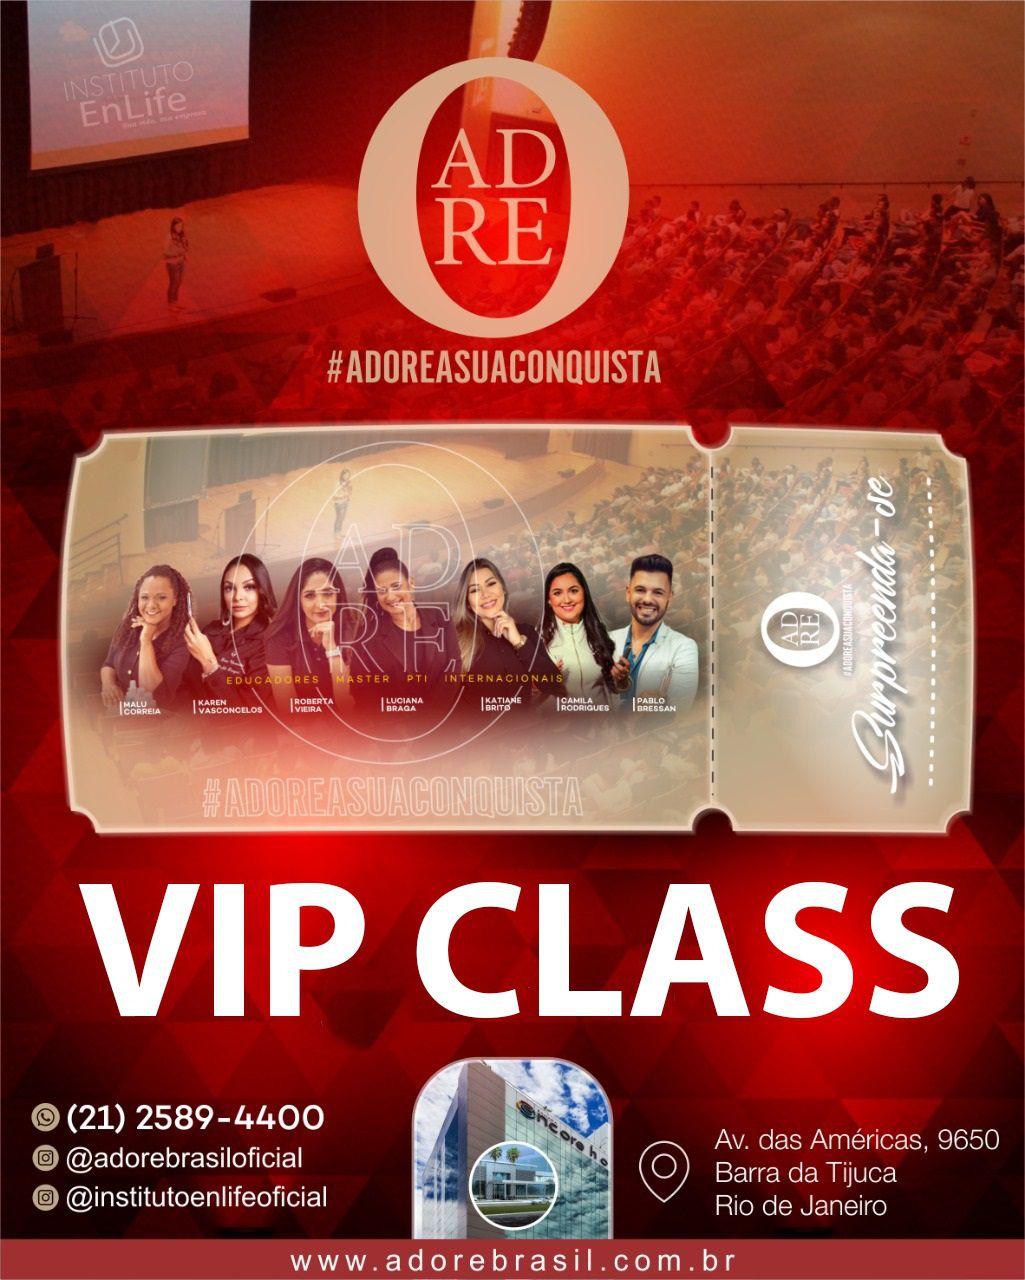 INGRESSO VIP CLASS PARA O EVENTO #ADOREASUACONQUISTA